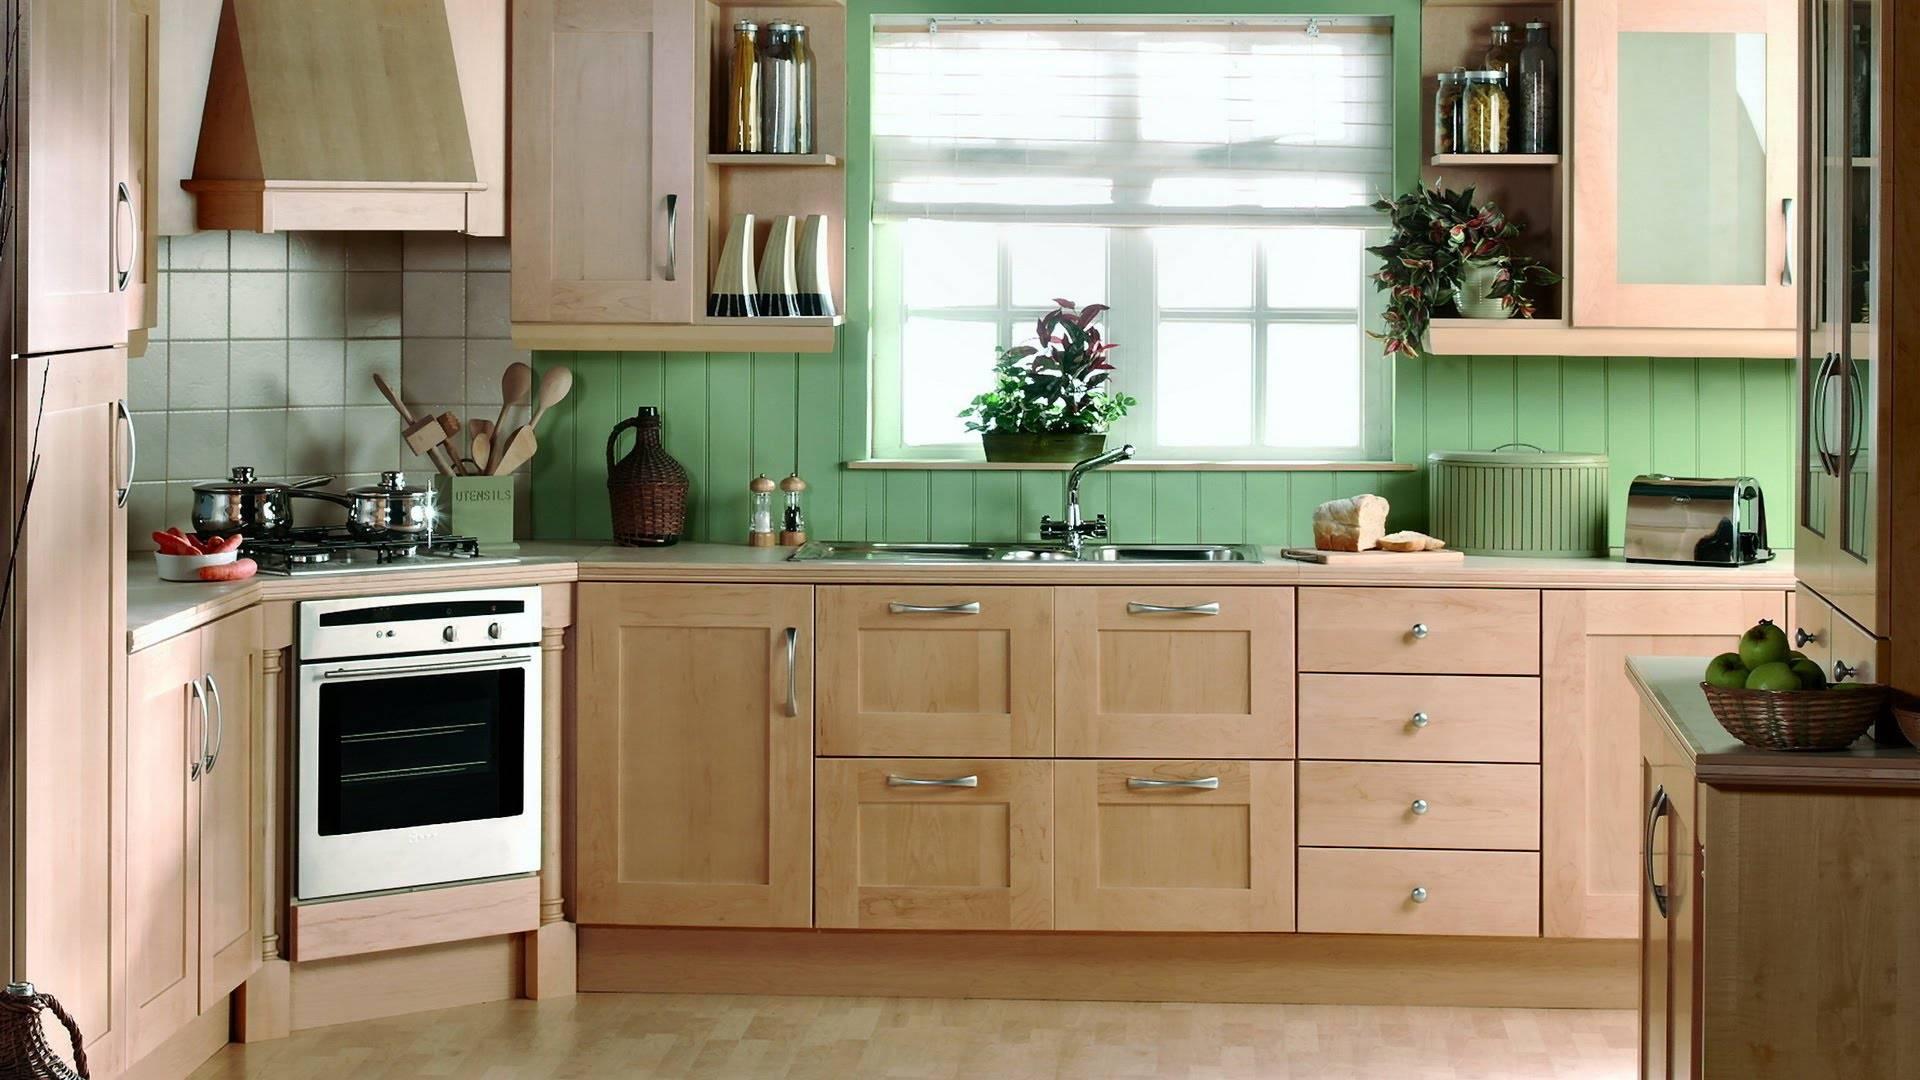 Чертежи кухонной мебели своими руками